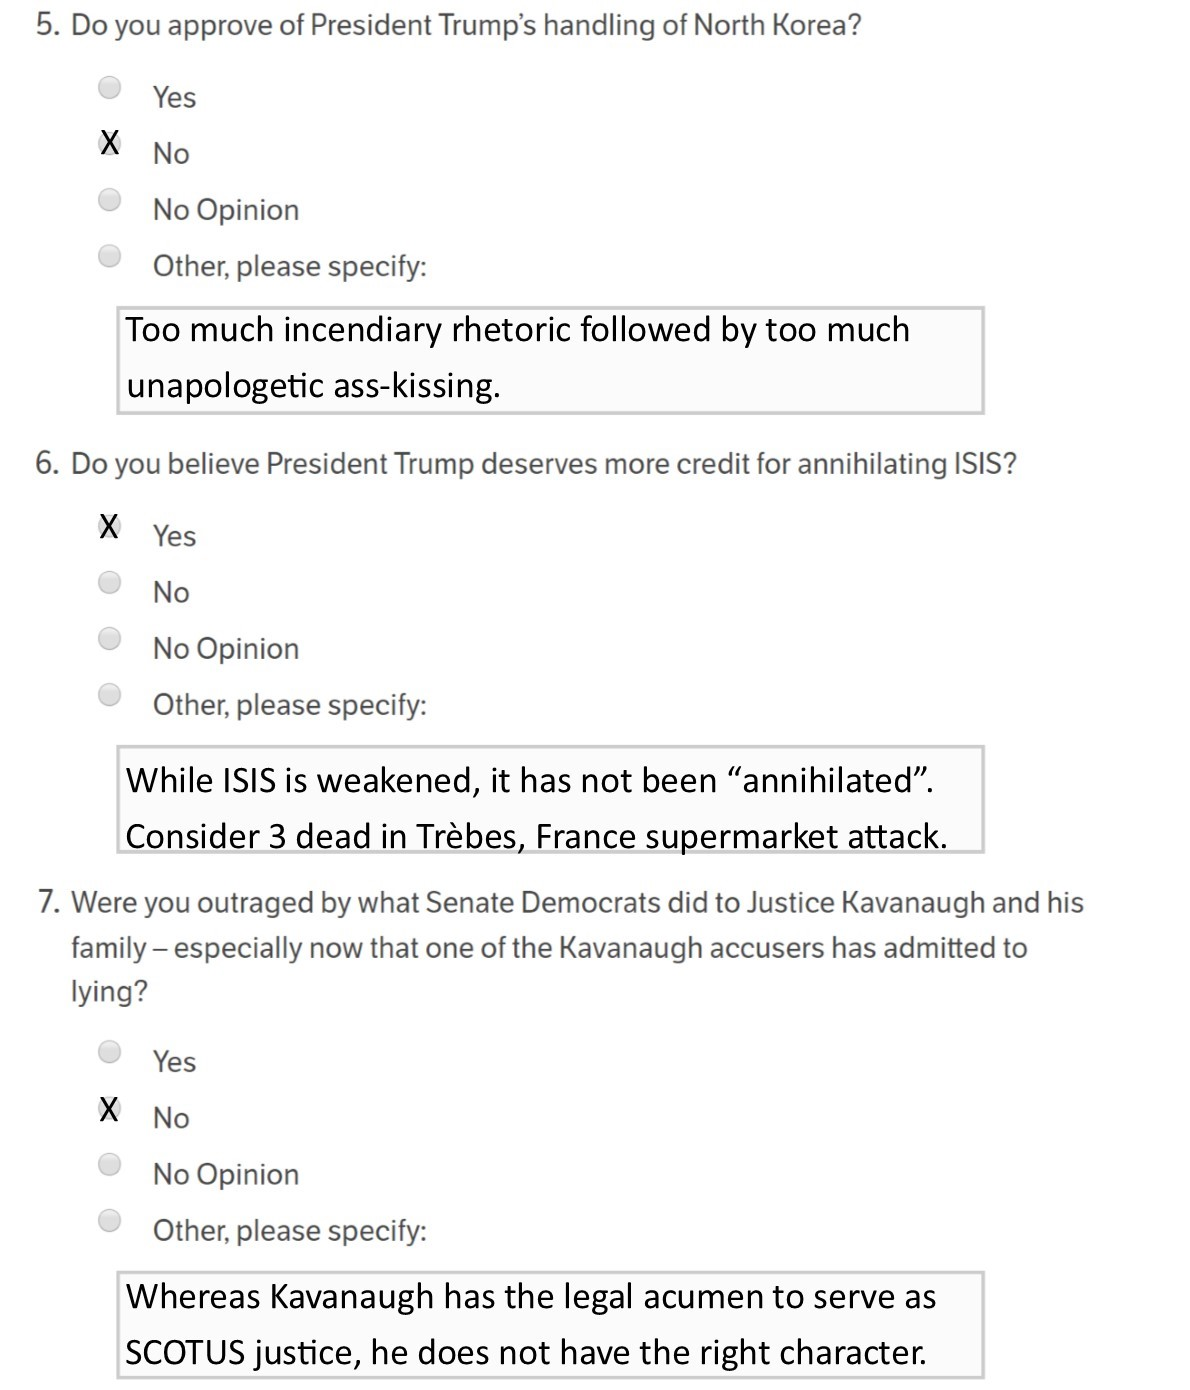 Survey 3 (2)